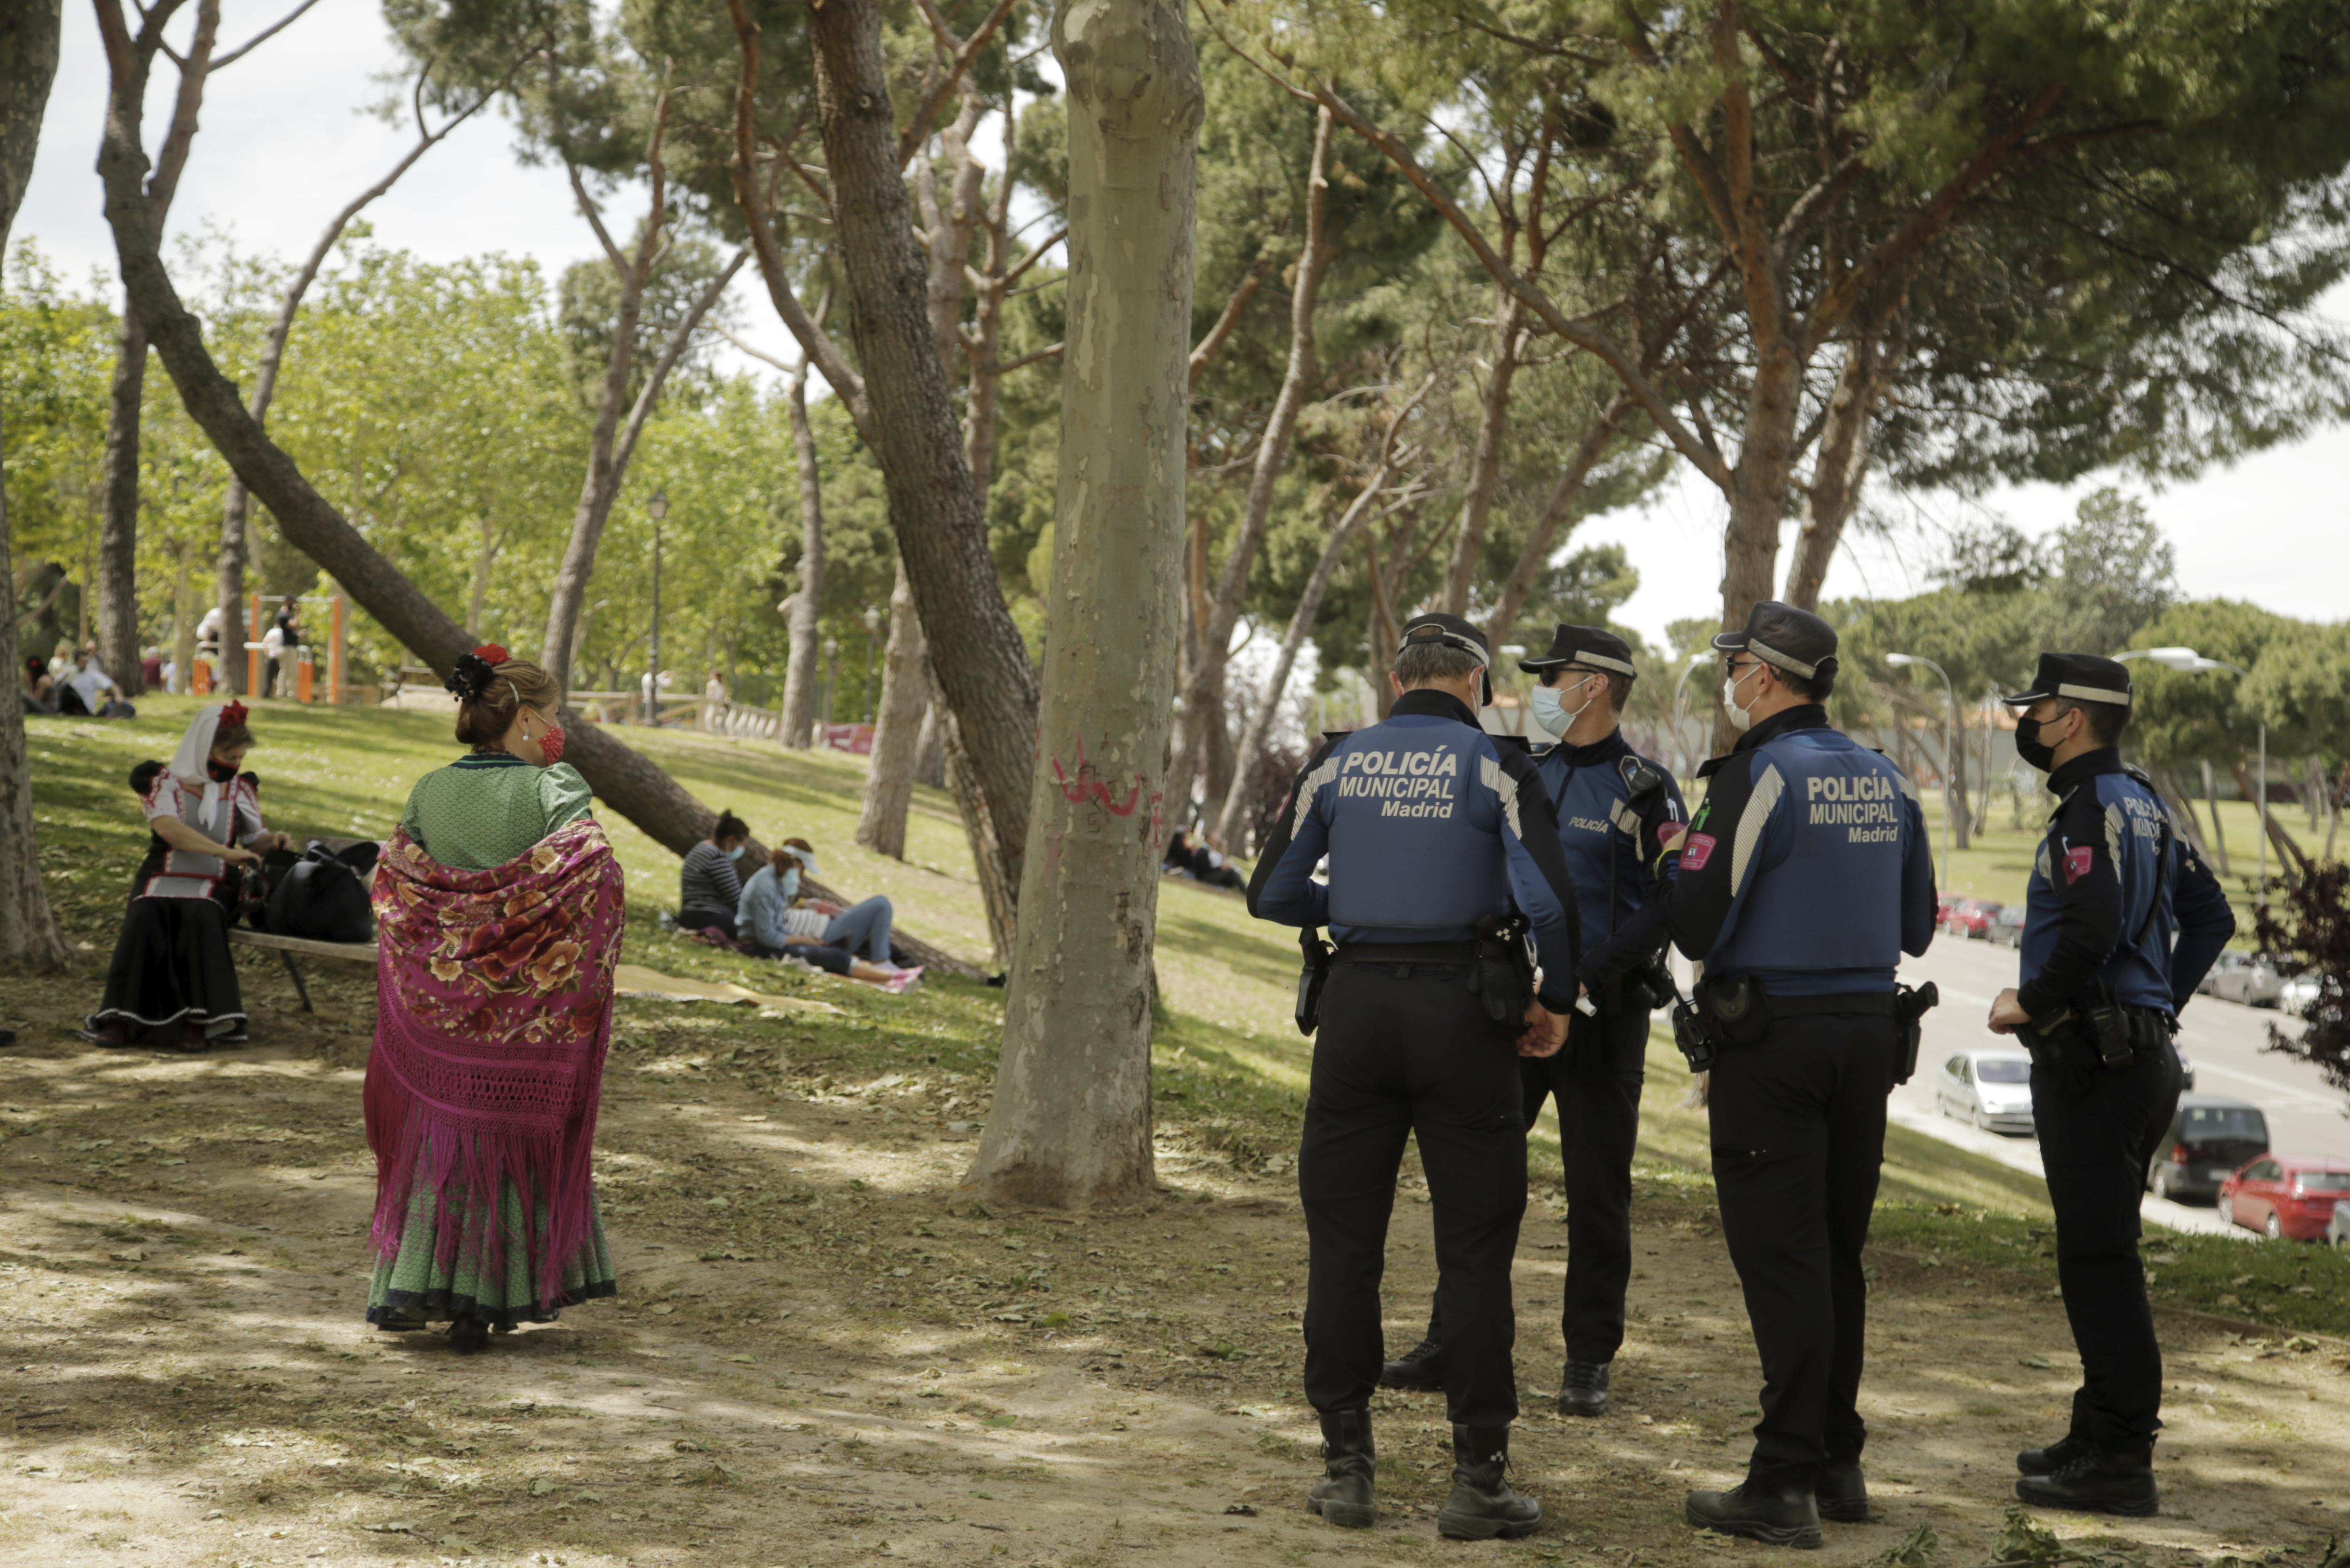 Agentes de la policía vigilan las padreras de San Isidro.